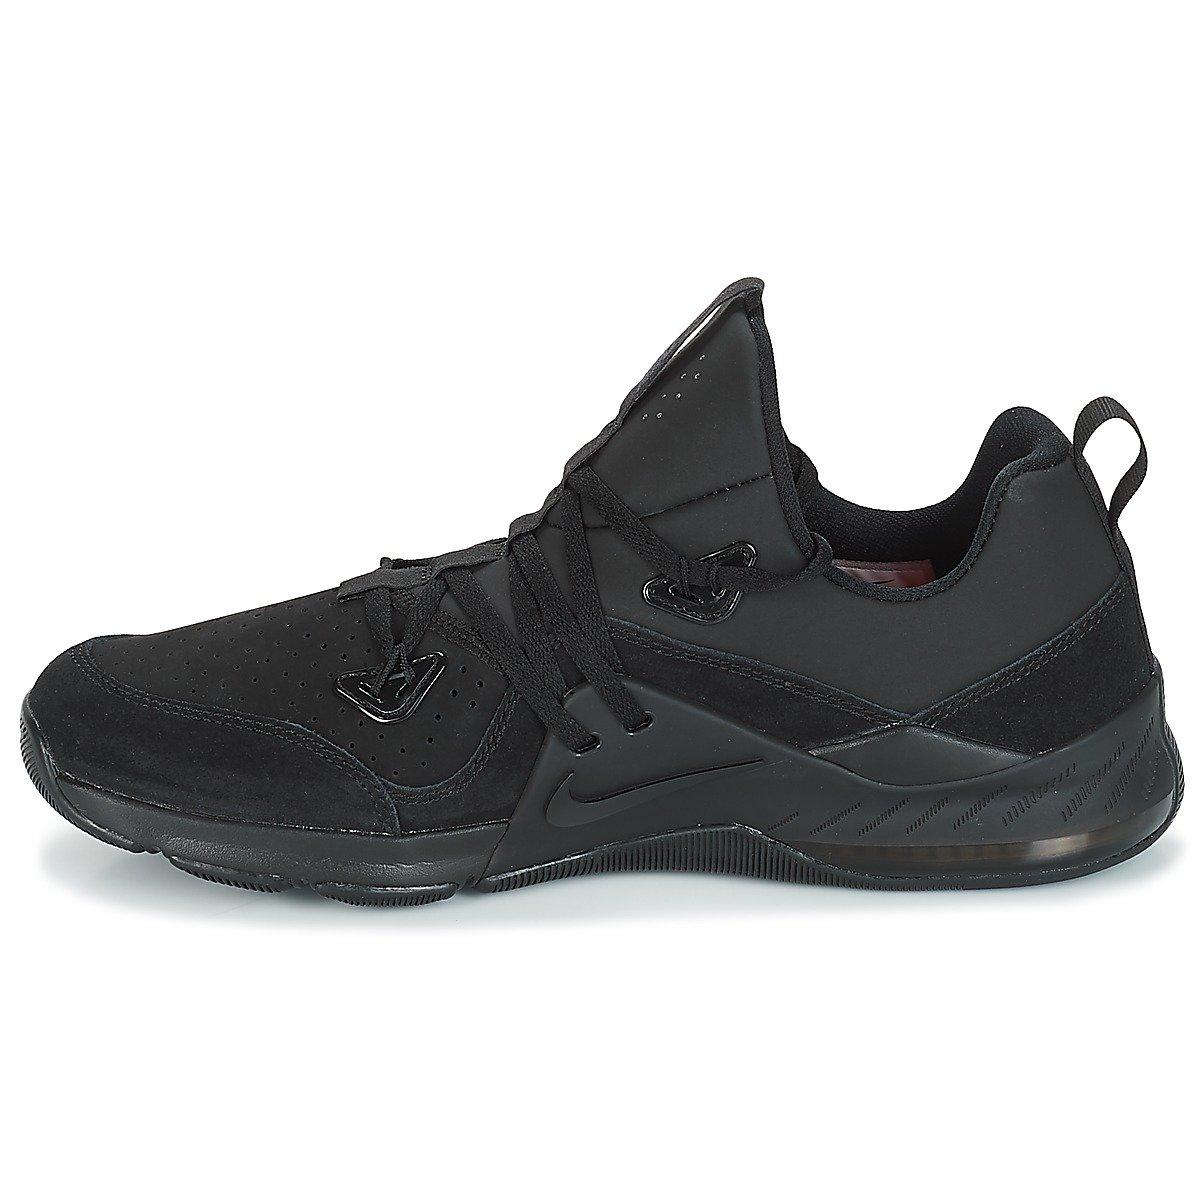 Nike Herren Zoom Zoom Herren Train Command Lthr Fitnessschuhe 316829